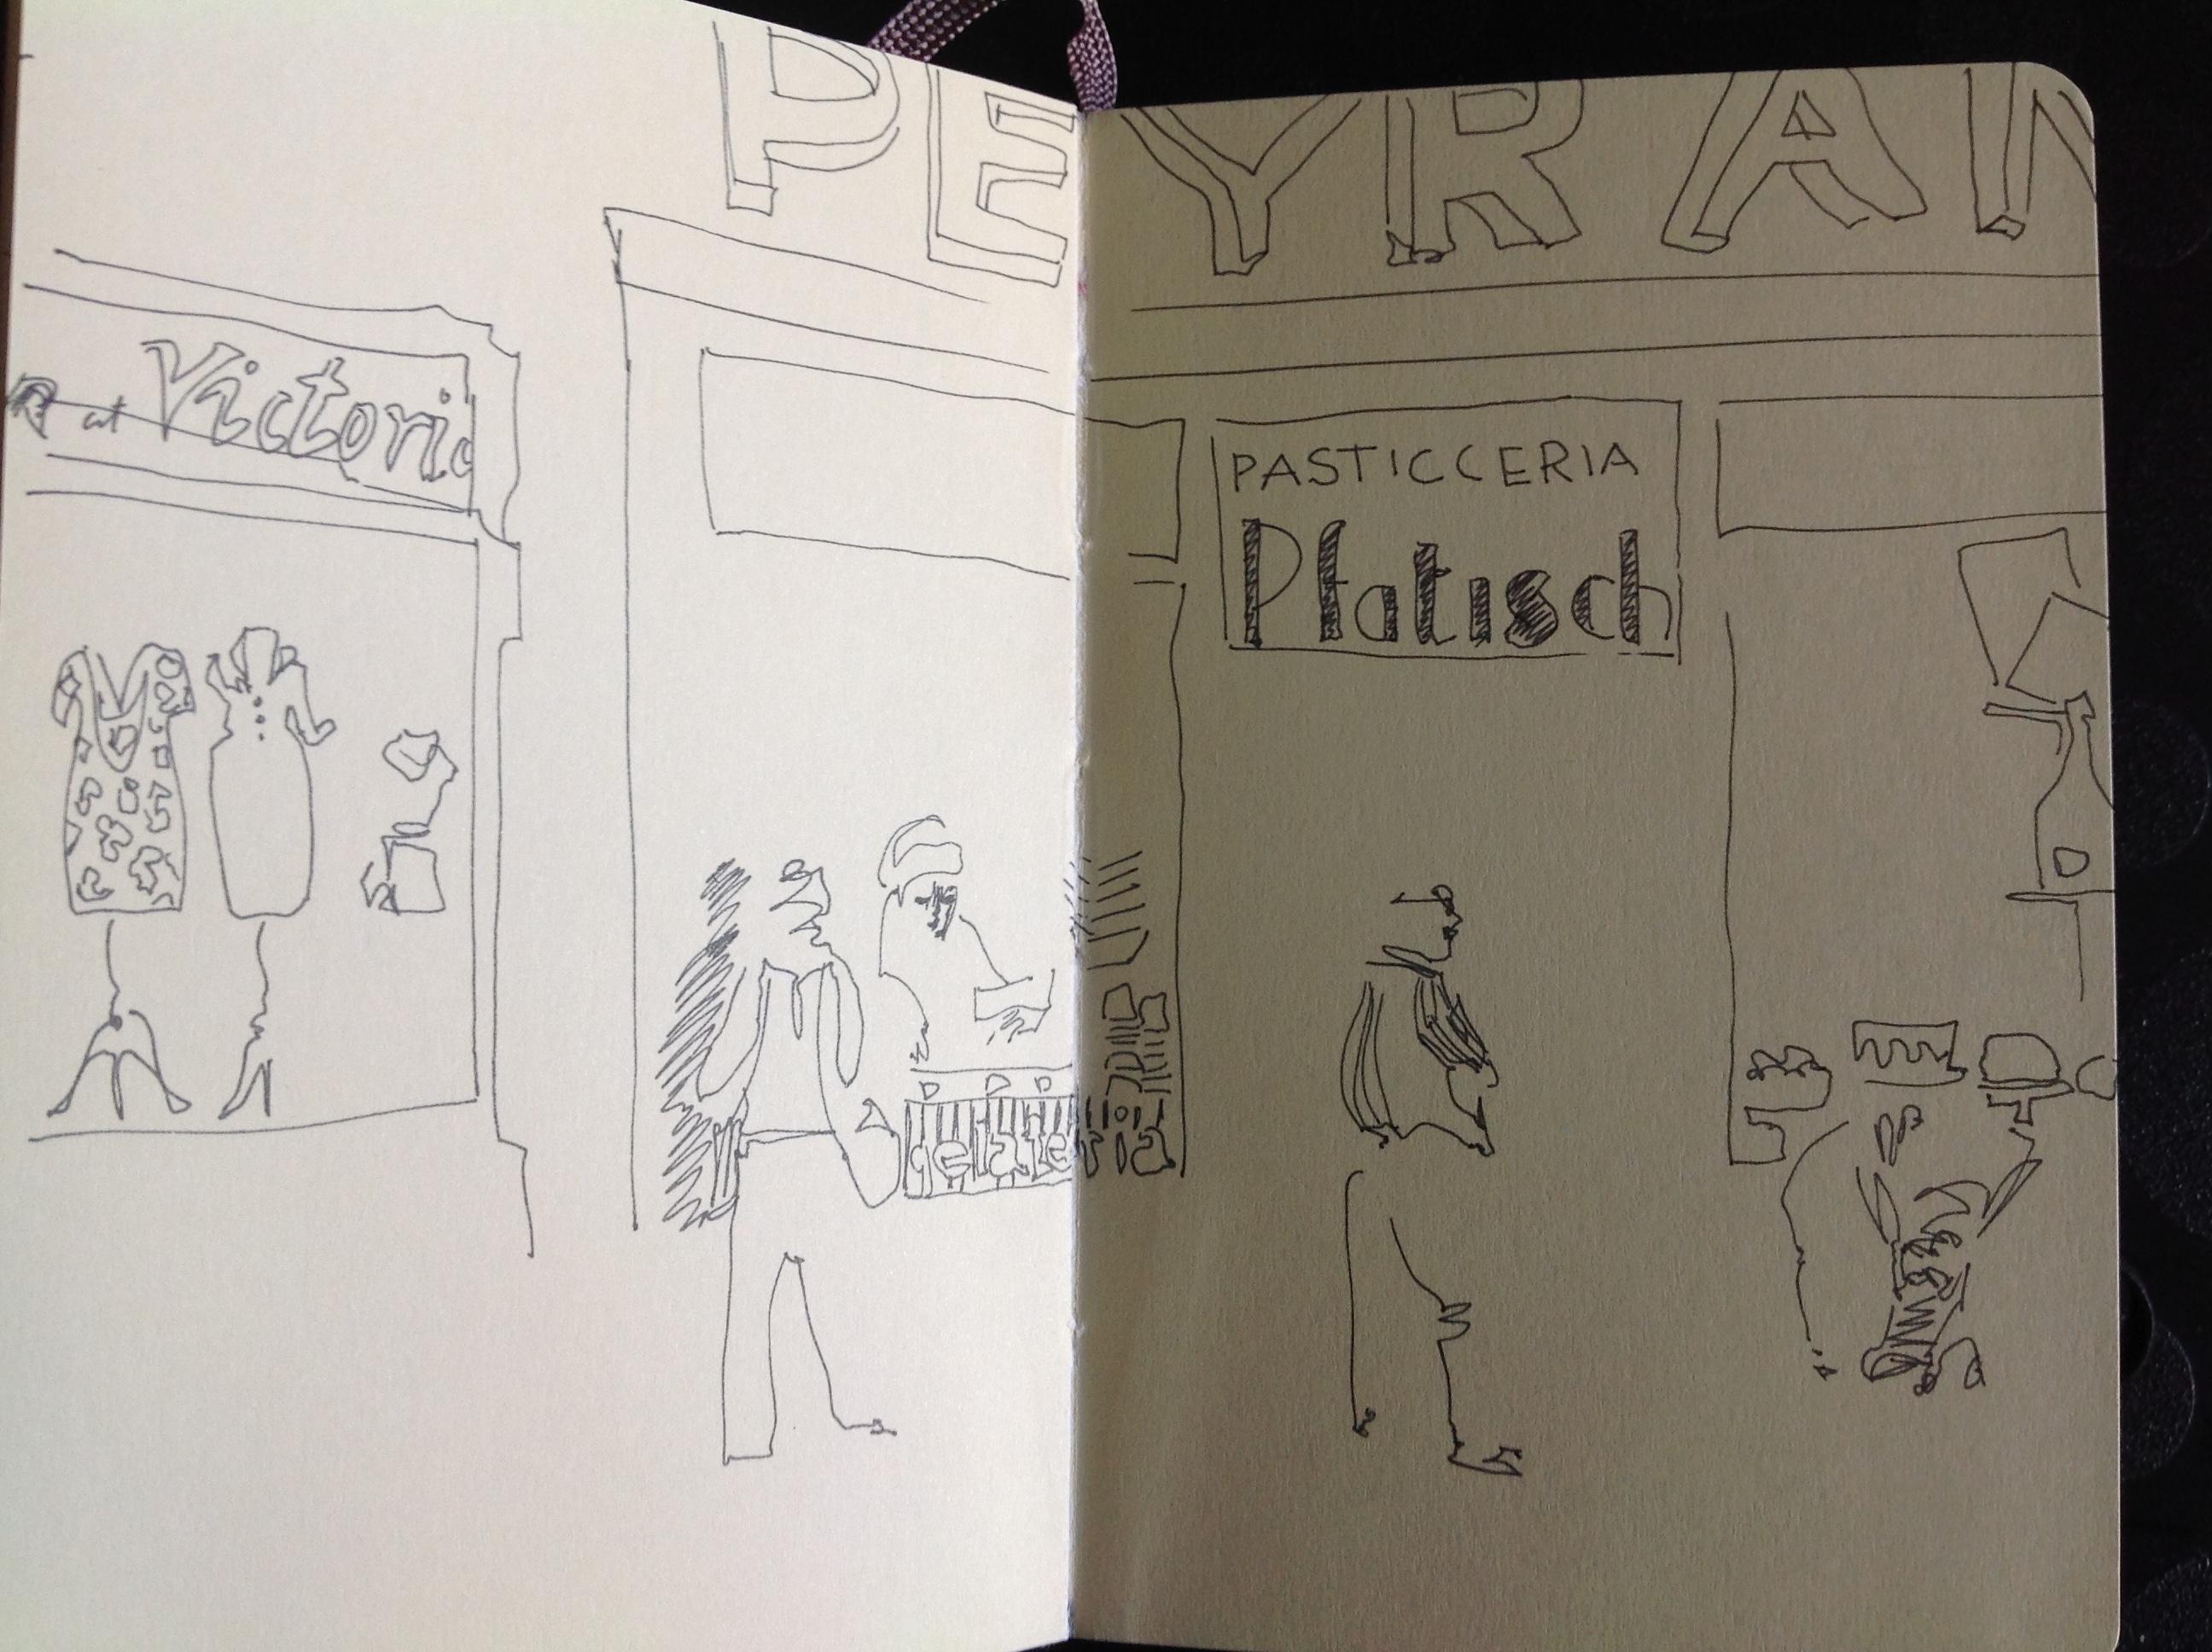 Torino, café Phatisch